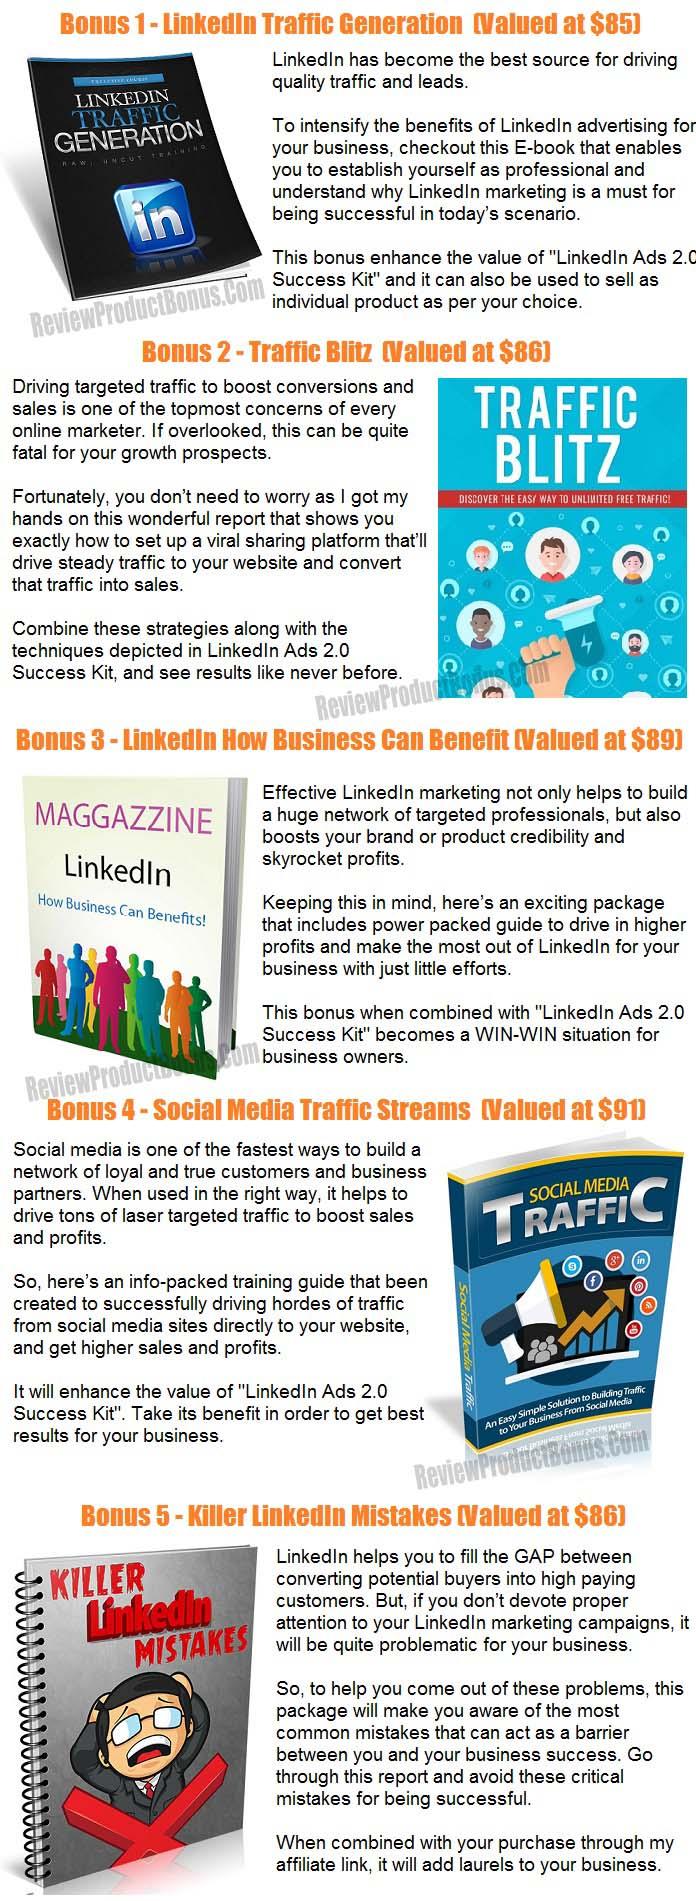 LinkedIn Ads 2.0 Bonus